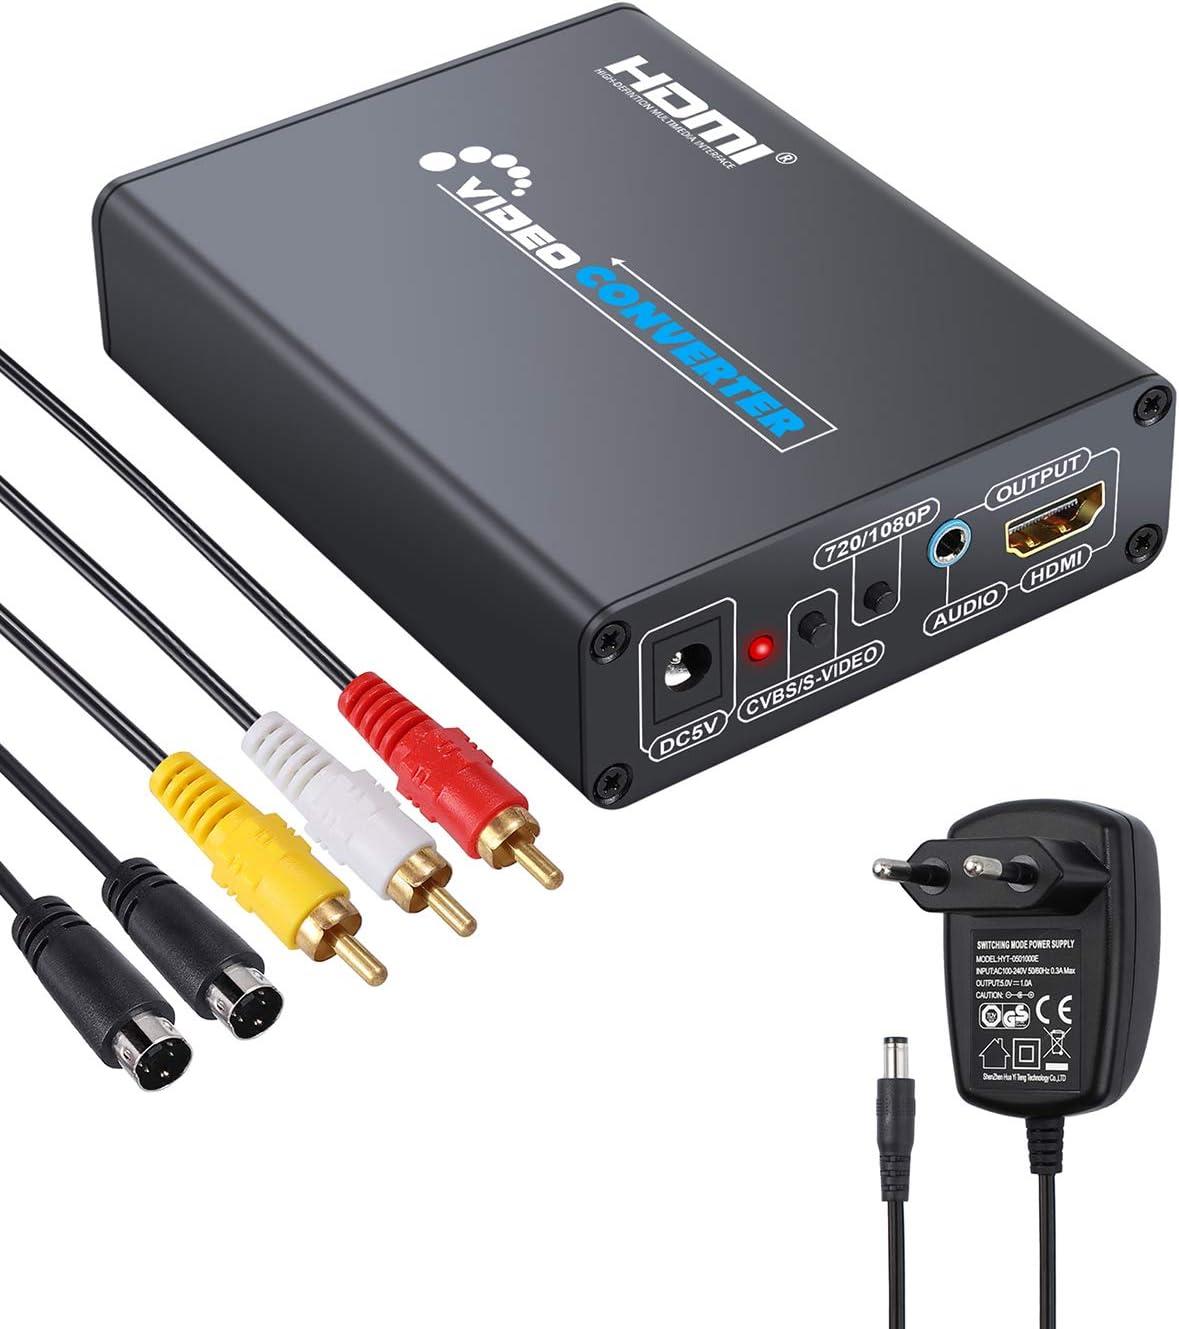 Convertitore video composito da HDMI a 3RCA CVBS VHS VCR DVD Adanse colore Nero